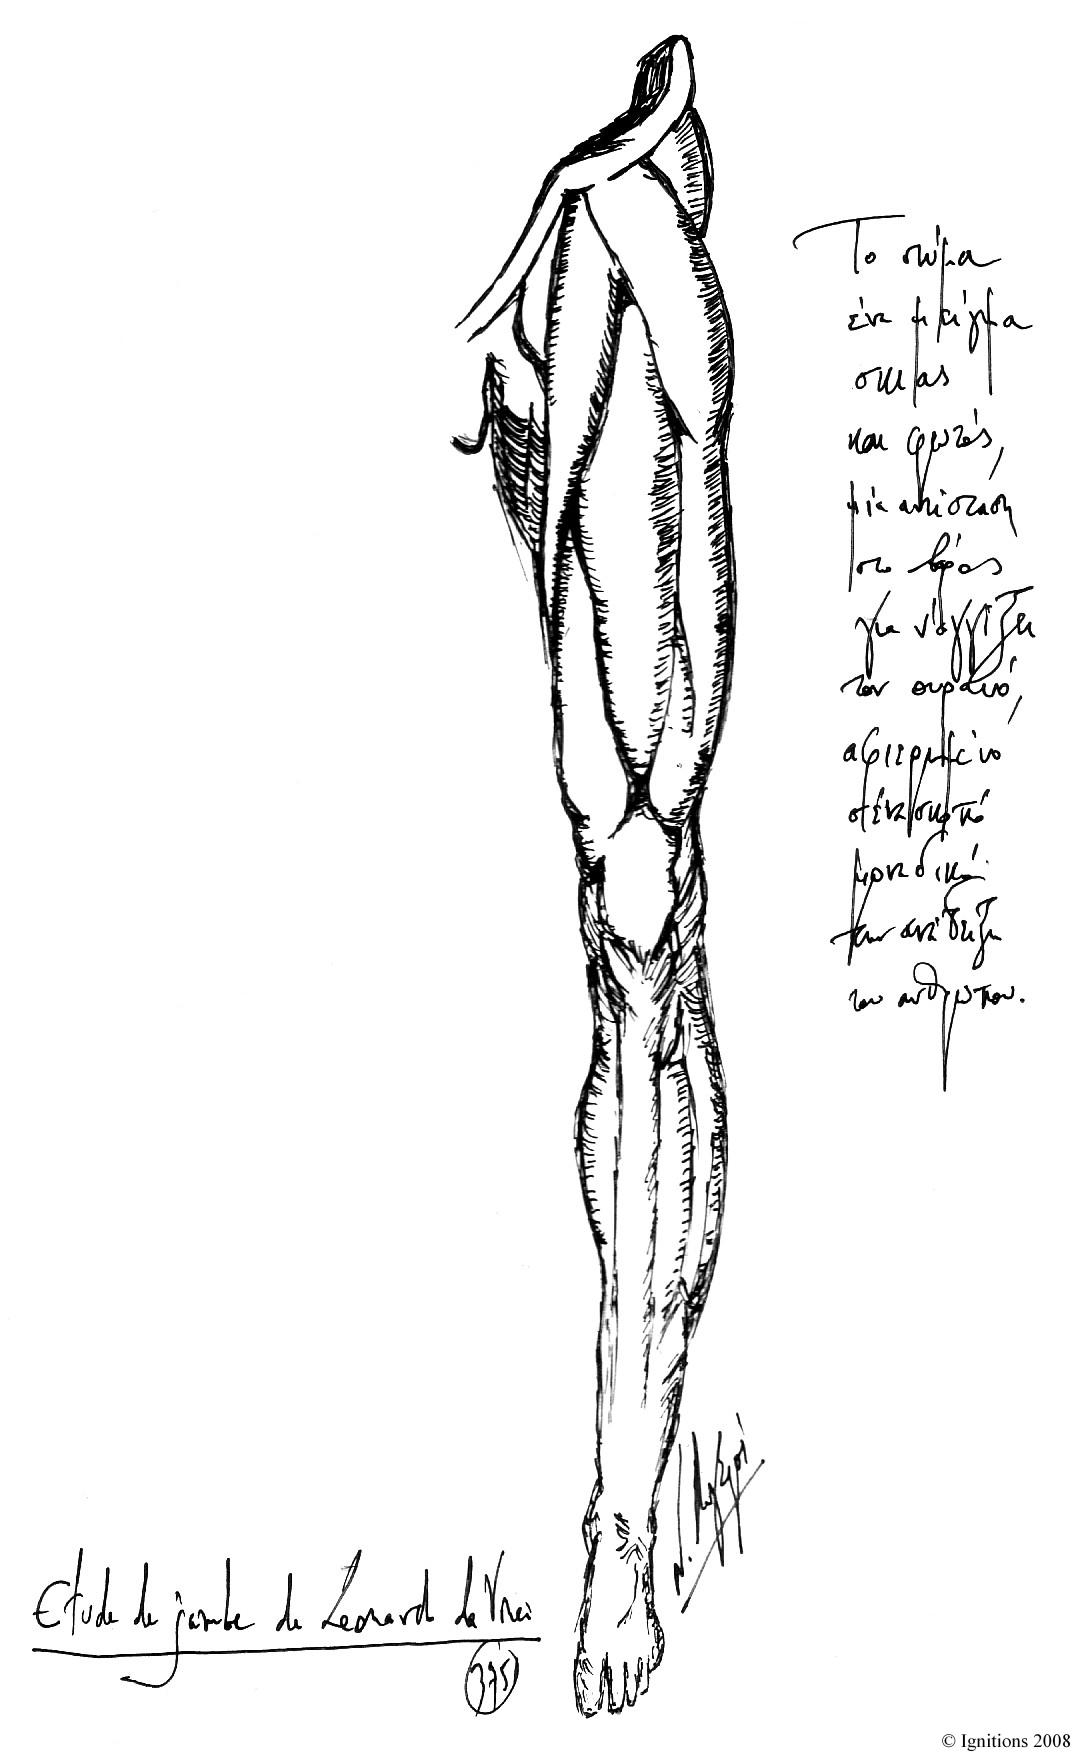 Μελέτη ποδιού του Leonardo da Vinci, Etude de jambe de Leonardo da Vinci.